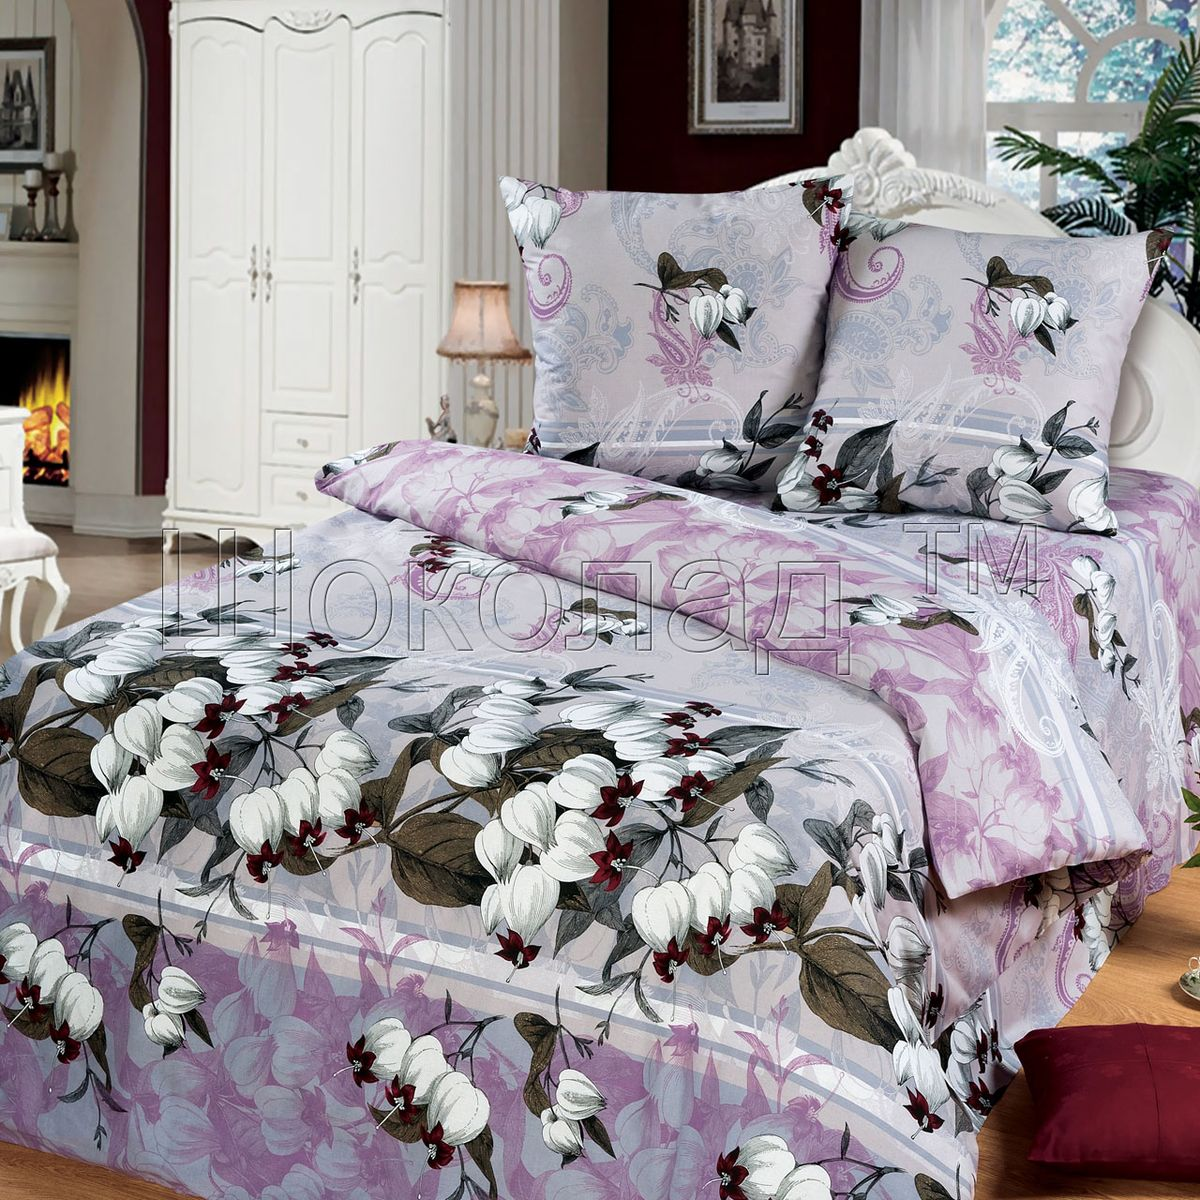 Комплект белья Шоколад Анита, 2-спальный, наволочки 70x70. Б104FA-5125 WhiteКомплект постельного белья Шоколад  Анита является экологически безопасным для всей семьи, так как выполнен из натурального хлопка. Комплект состоит из пододеяльника, простыни и двух наволочек. Постельное белье оформлено оригинальным рисунком и имеет изысканный внешний вид.Бязь - это ткань полотняного переплетения, изготовленная из экологически чистого и натурального 100% хлопка. Она прочная, мягкая, обладает низкой сминаемостью, легко стирается и хорошо гладится. Бязь прекрасно пропускает воздух и за ней легко ухаживать. При соблюдении рекомендуемых условий стирки, сушки и глажения ткань имеет усадку по ГОСТу, сохранятся яркость текстильных рисунков. Приобретая комплект постельного белья Шоколад  Анита, вы можете быть уверены в том, что покупка доставит вам и вашим близким удовольствие и подарит максимальный комфорт.